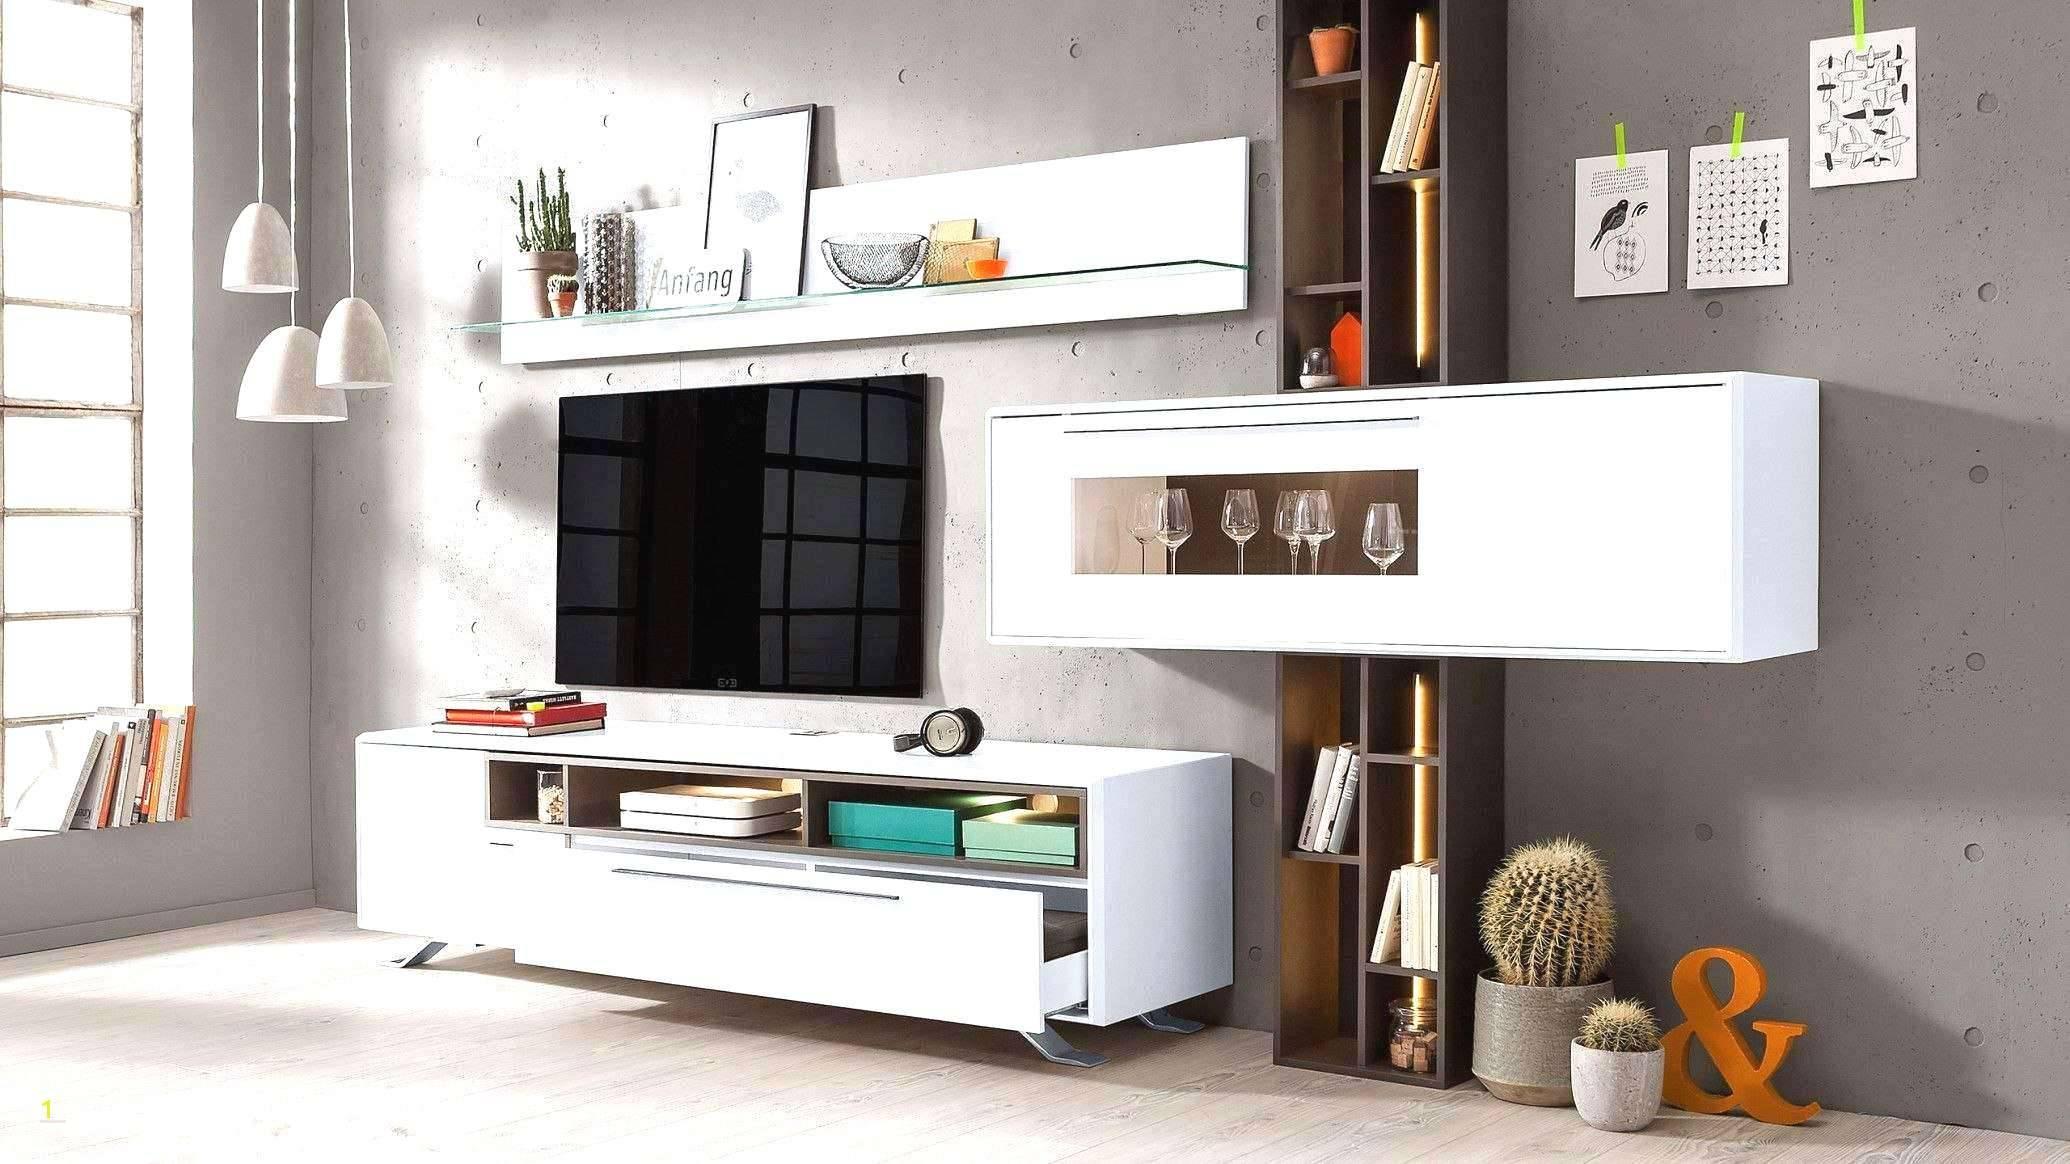 Deko Ideen Mit Weinkisten Schön Unique Wohnzimmer Deko Spiegel Inspirations